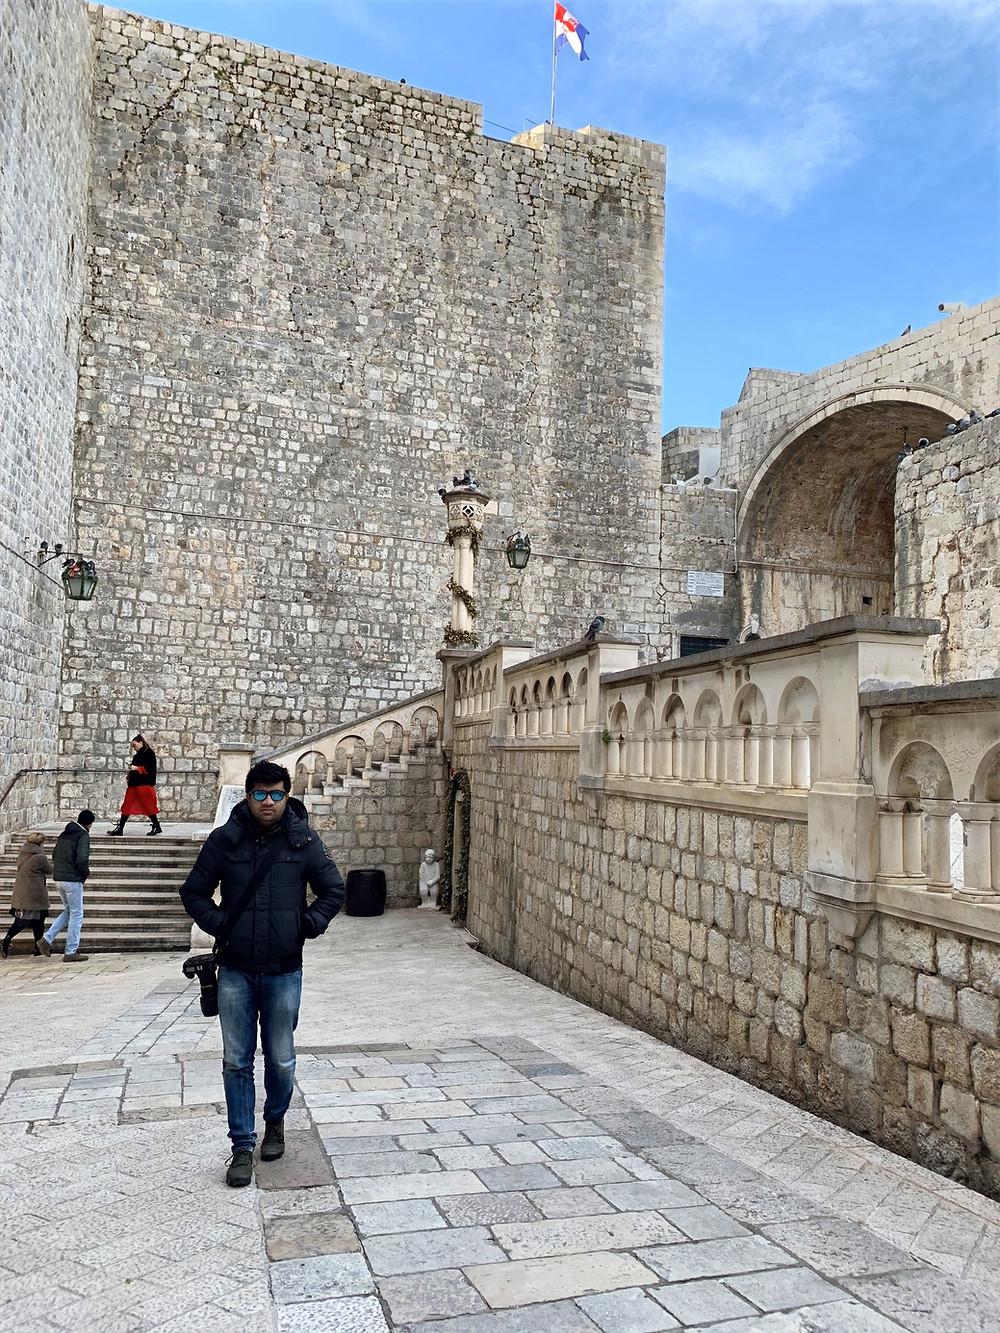 Main Entrance of Dubrovnik